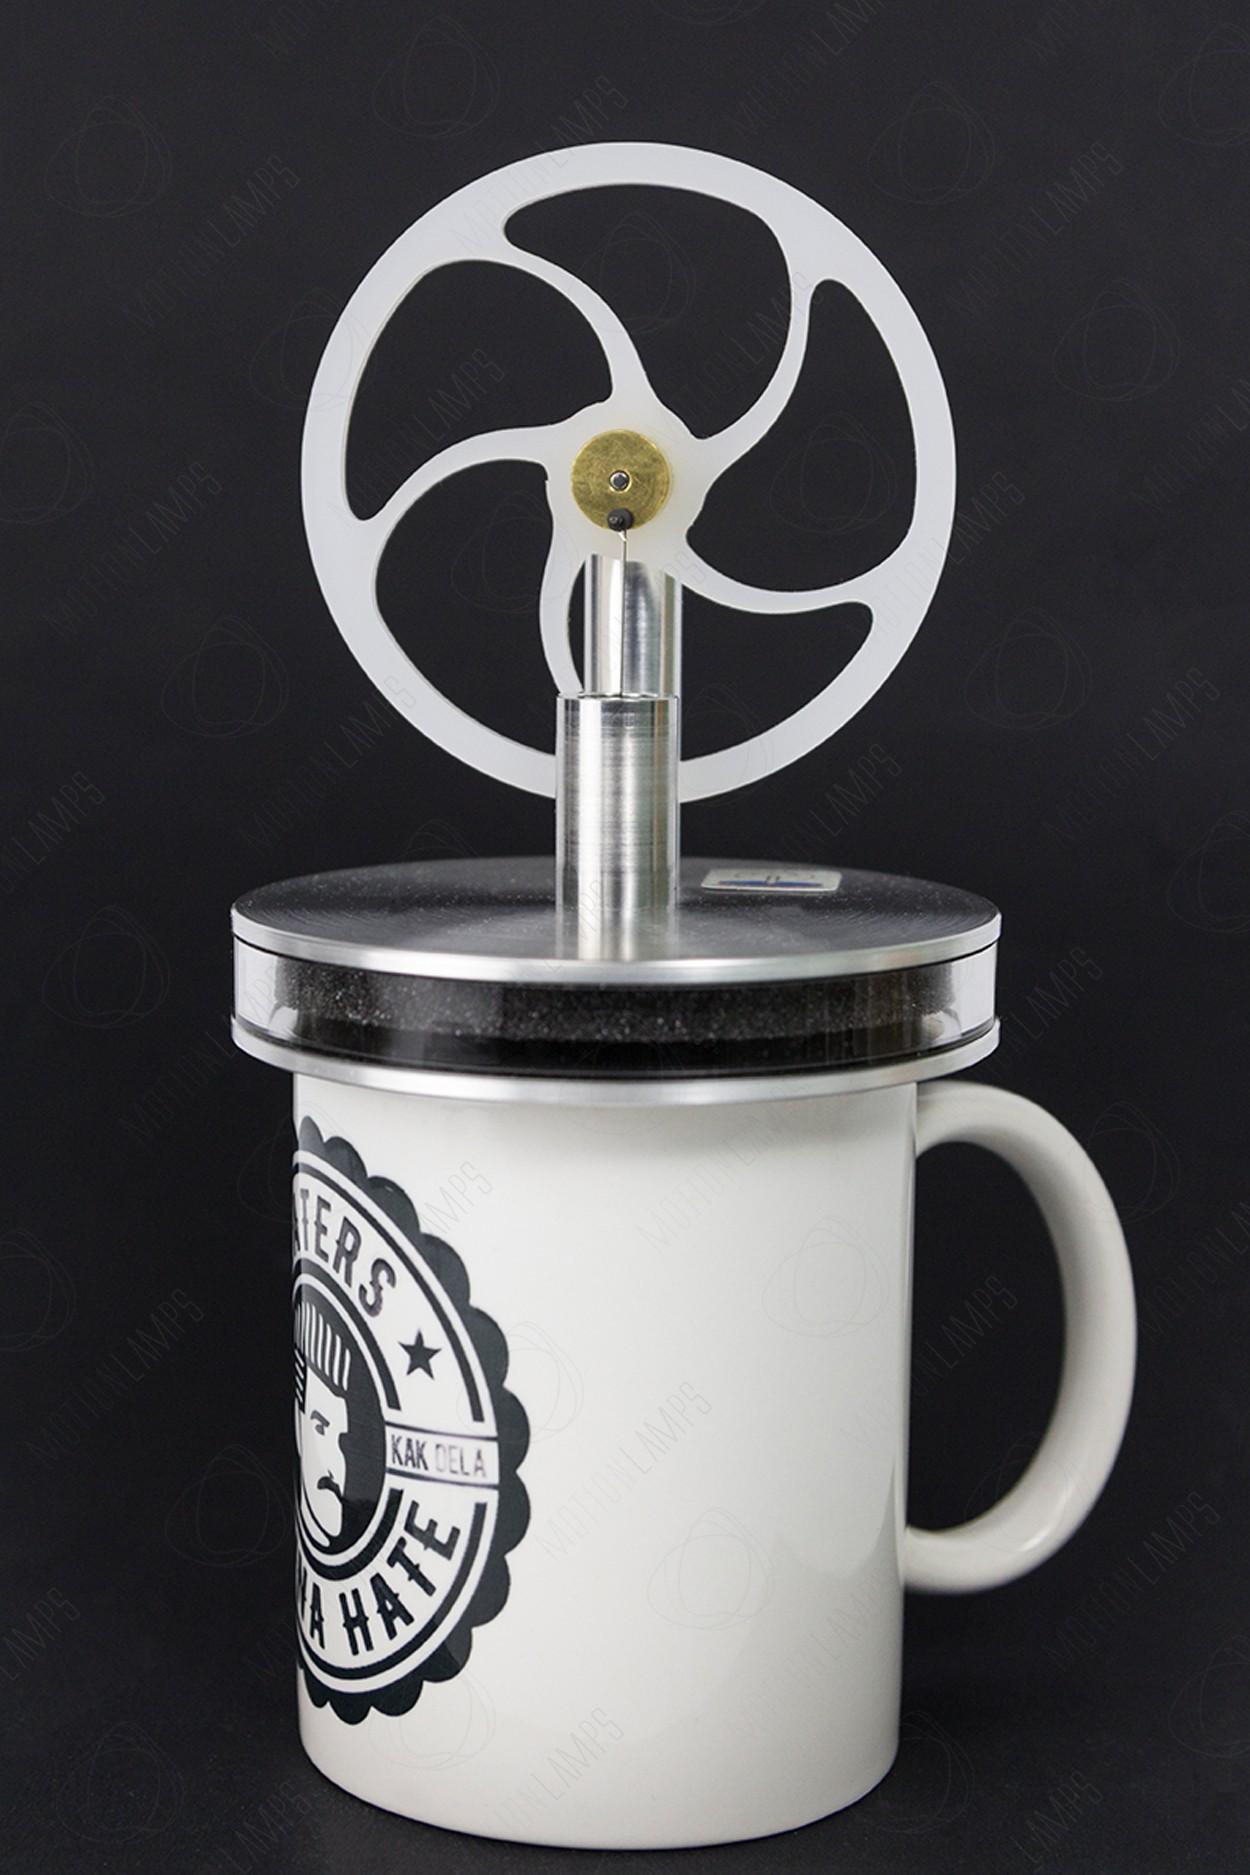 Двигатель Стирлинга на чашку в Москве